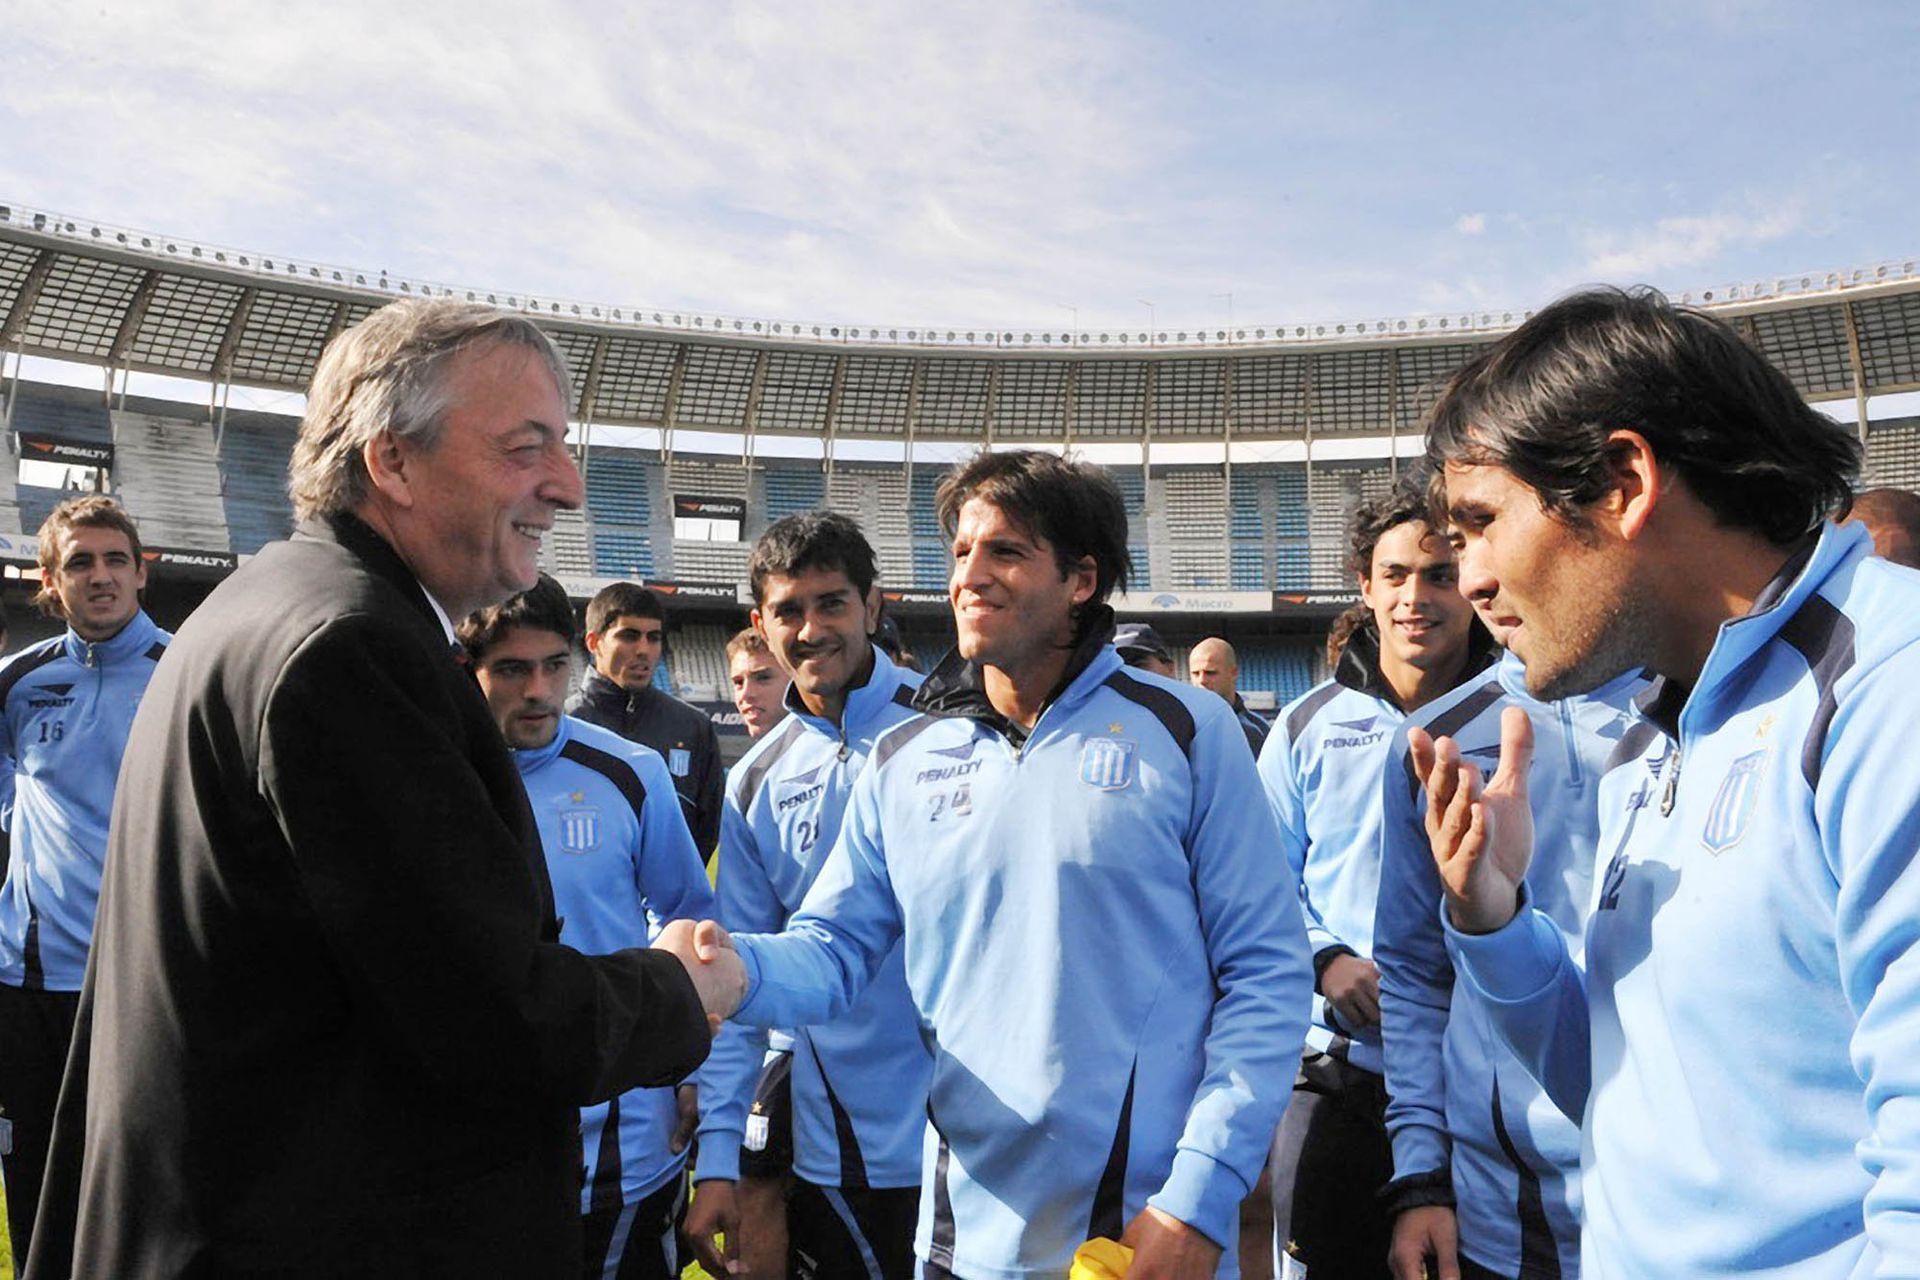 Néstor Kirchner saluda a los jugadores de Racing en el estadio de Avellaneda el 4 de junio de 2009